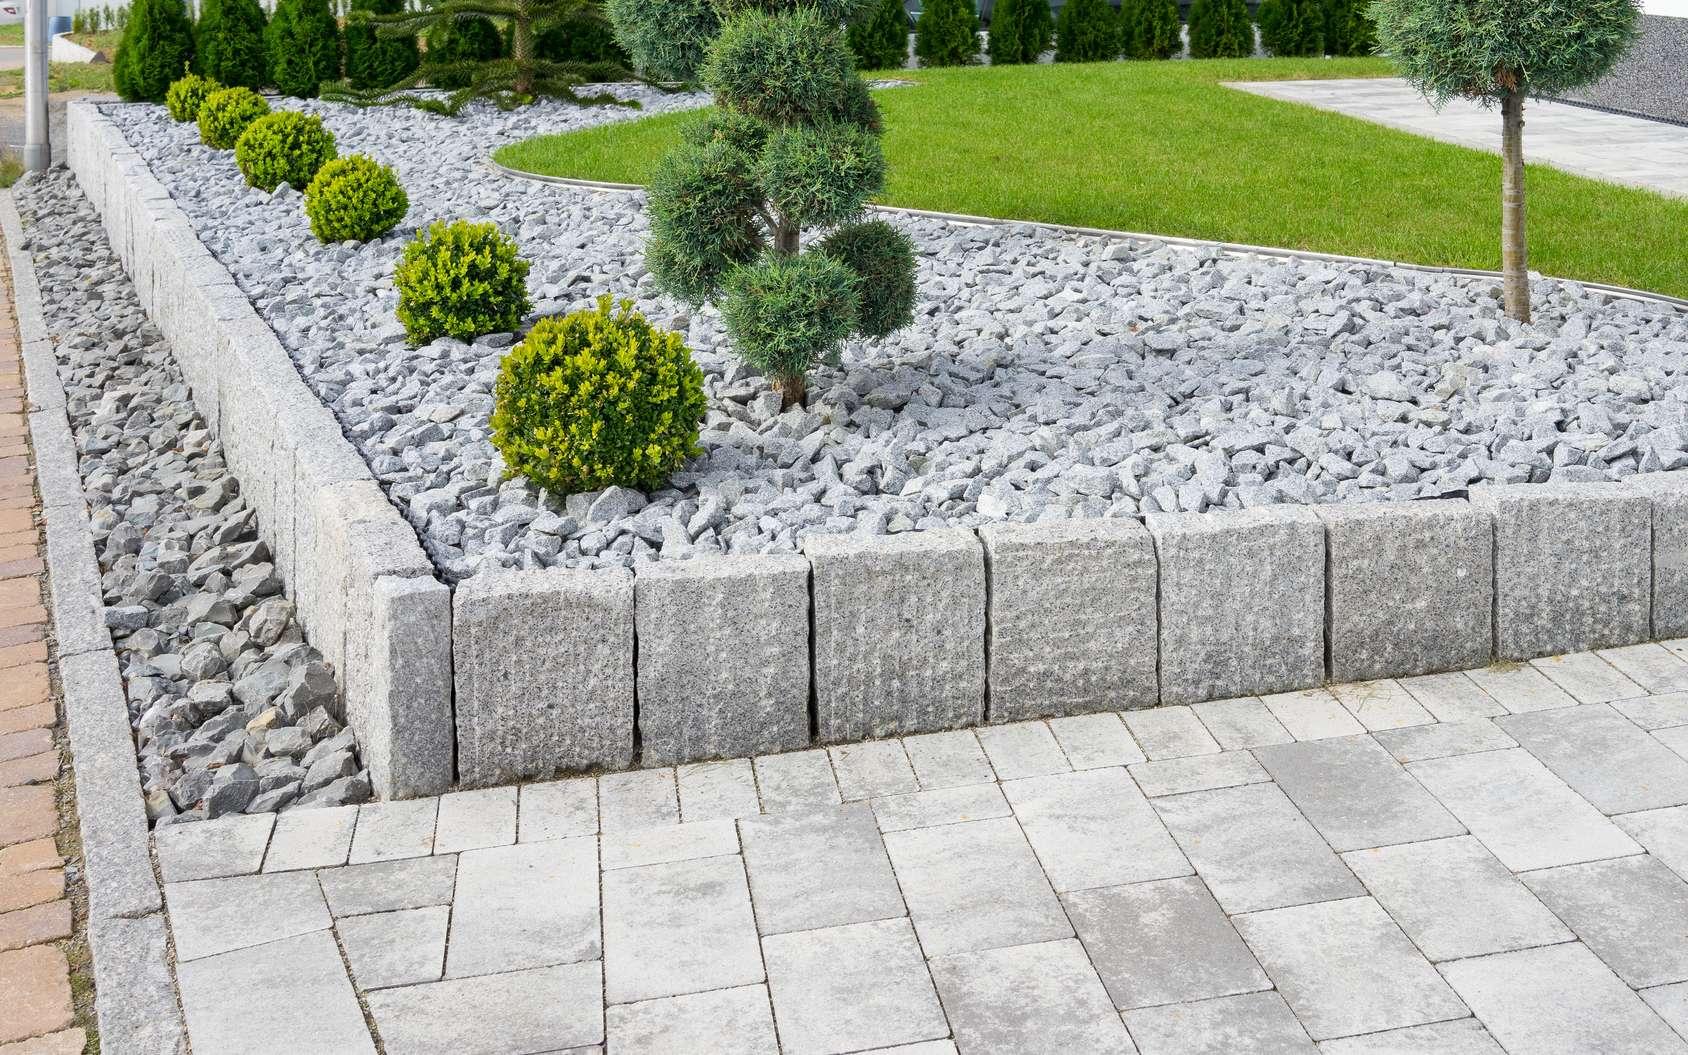 Comment Faire Une Rocaille Dans Un Jardin ? serapportantà Grosse Pierre Decoration Jardin